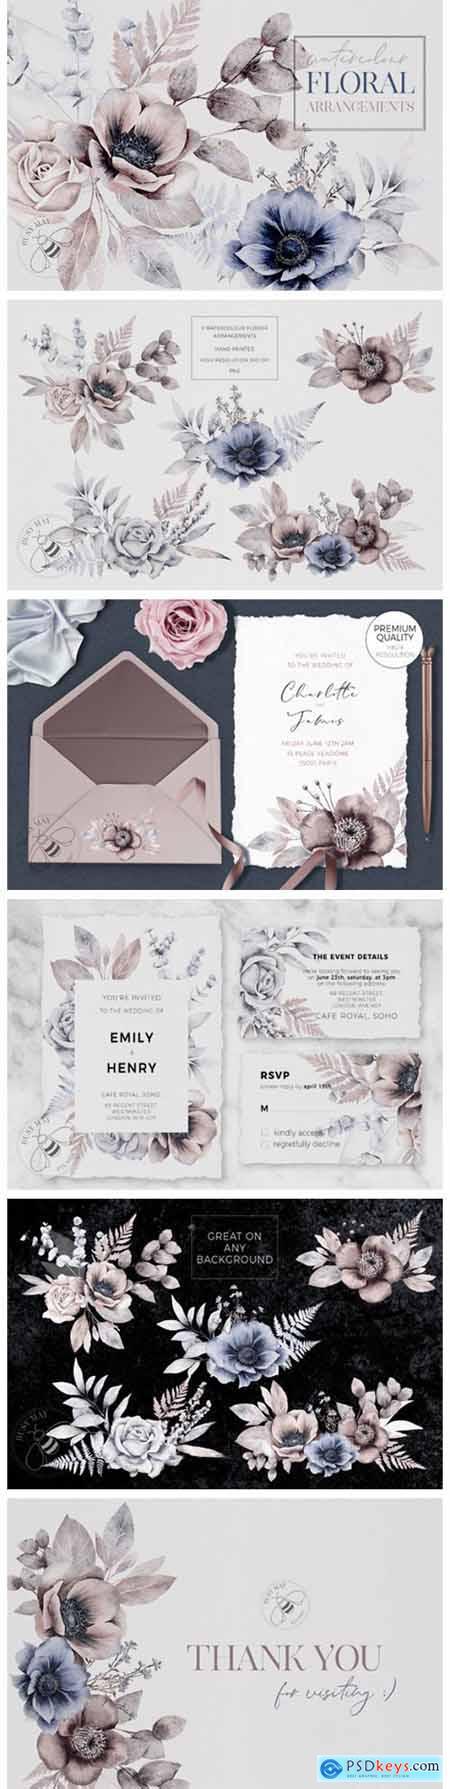 Watercolor Flower Arrangements Florals 6984272